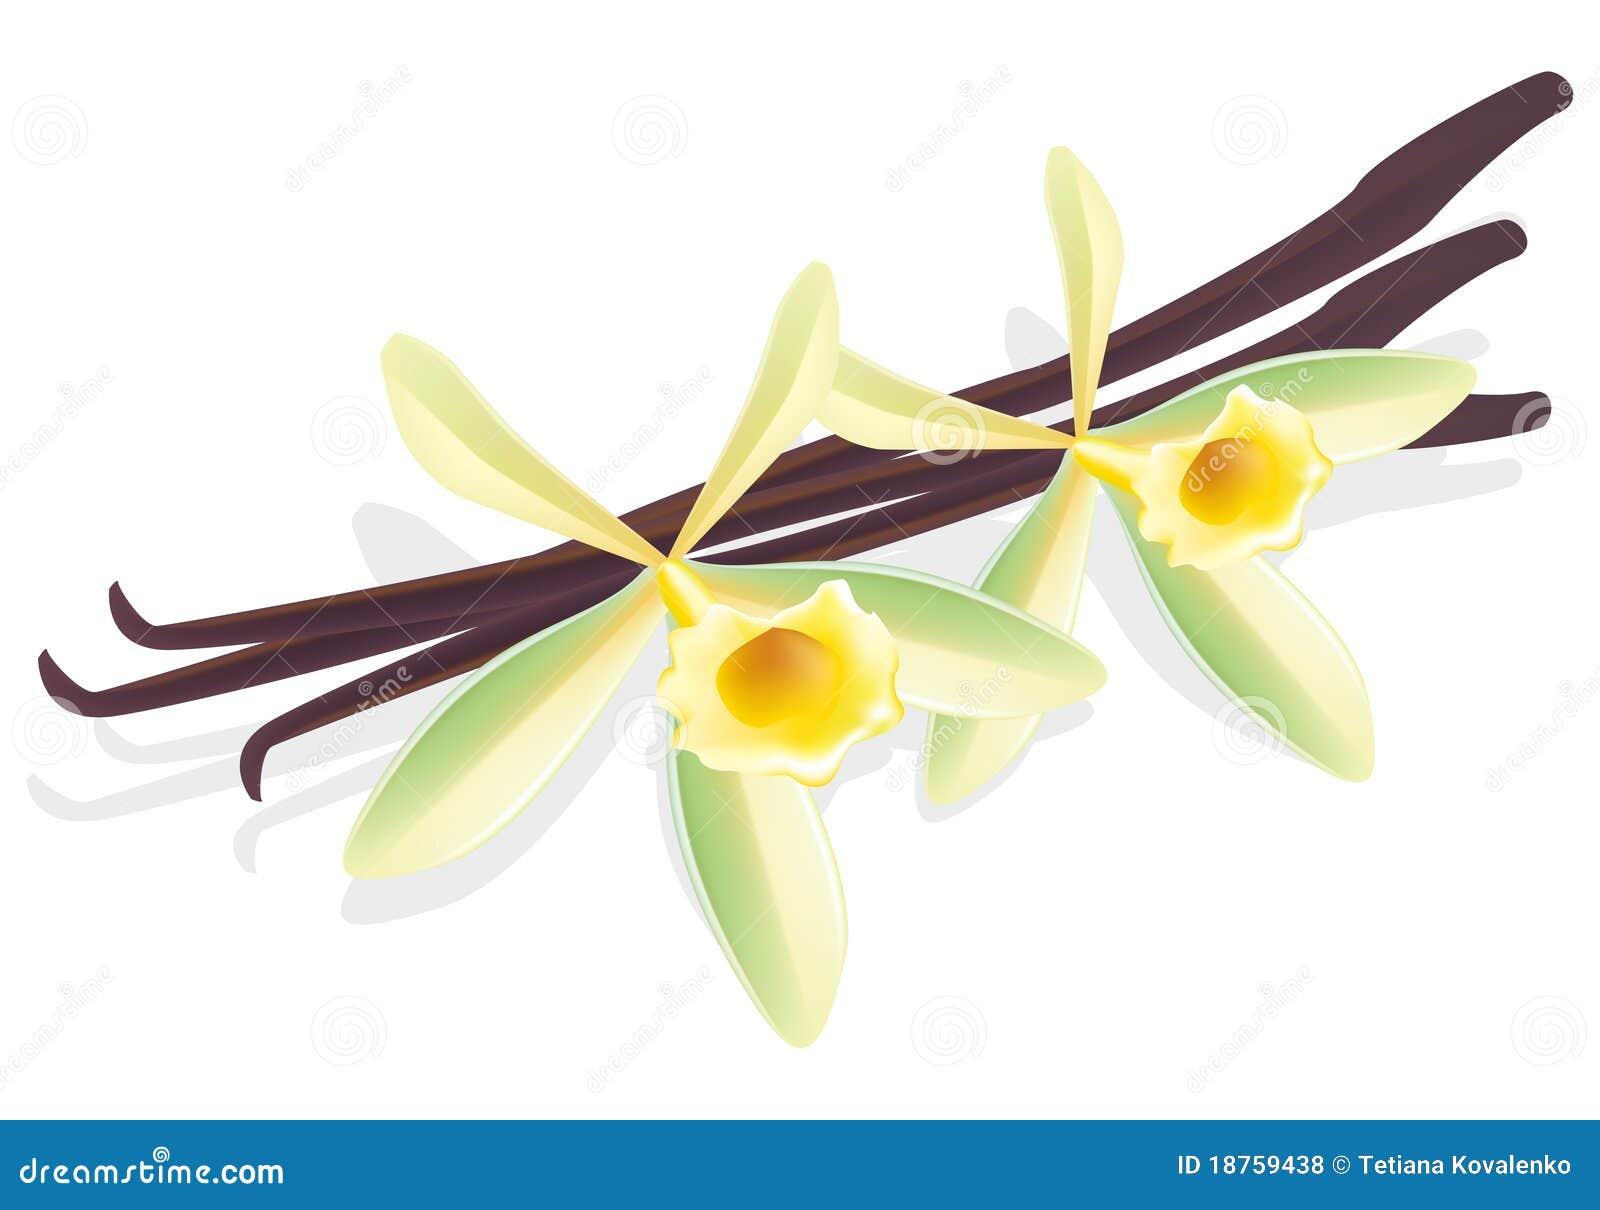 Vainilla de la flor. Vainas secadas. Ilustración del vector.